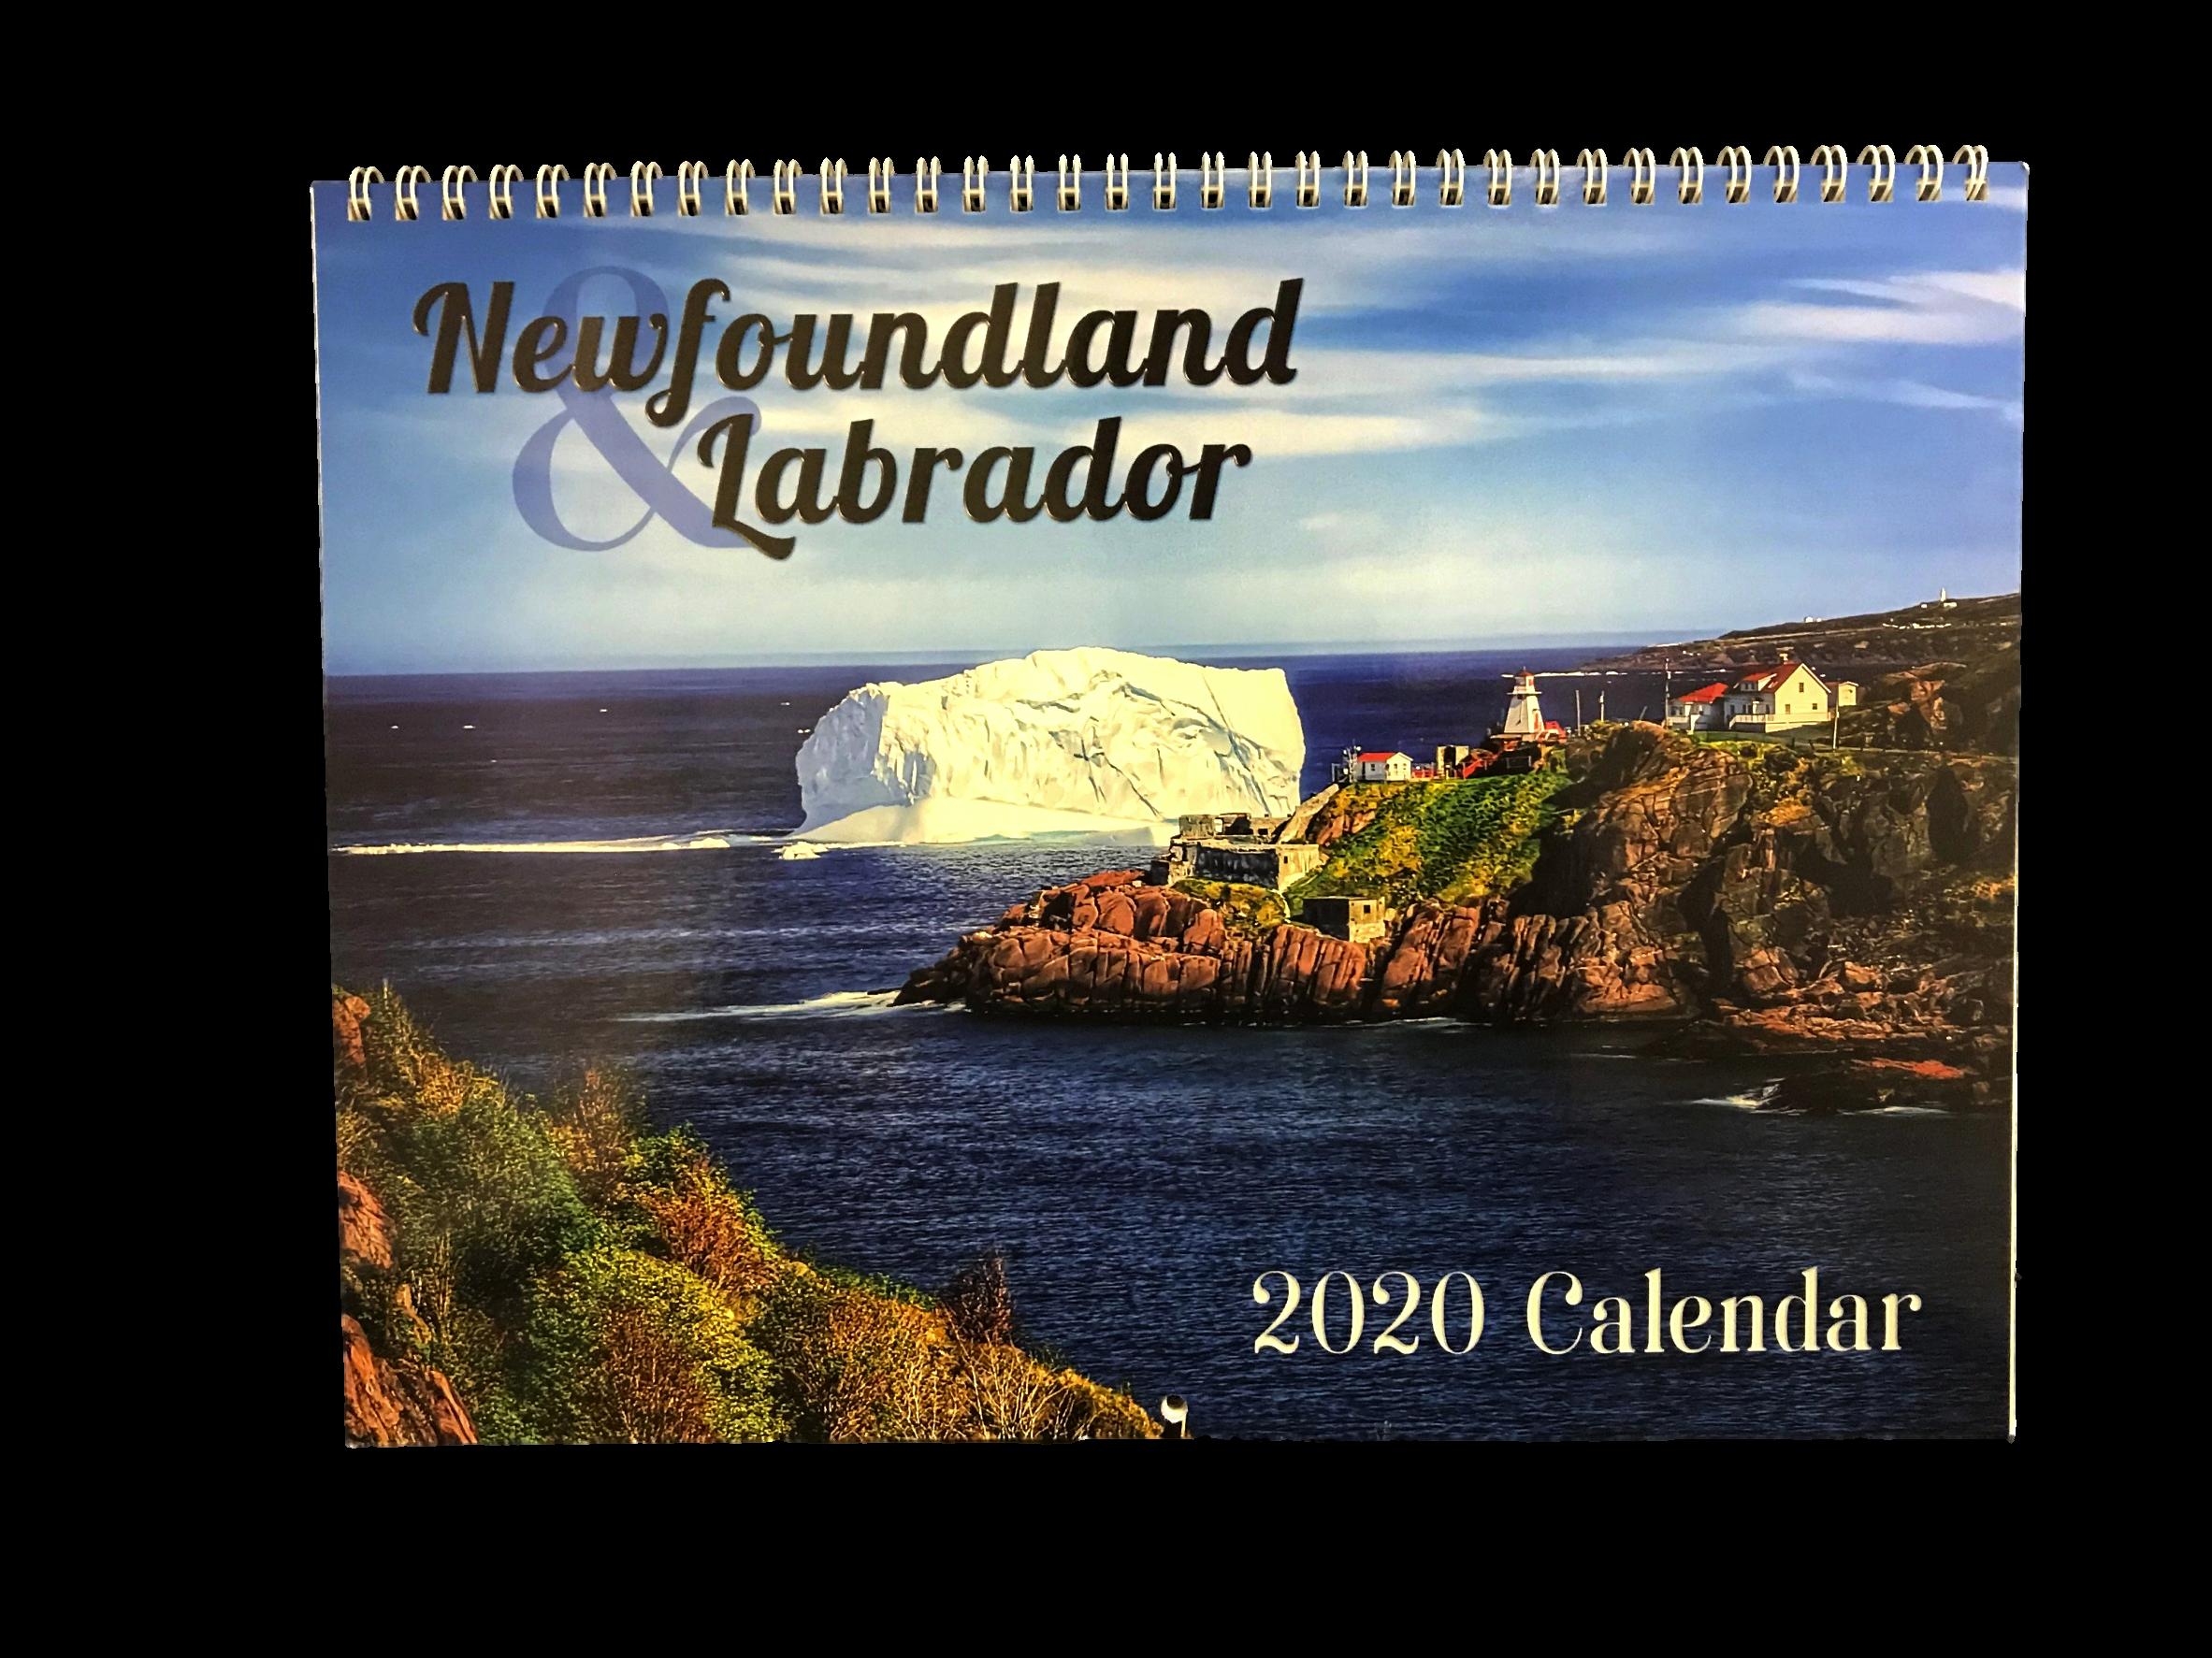 Newfoundland and Labrador Calendars